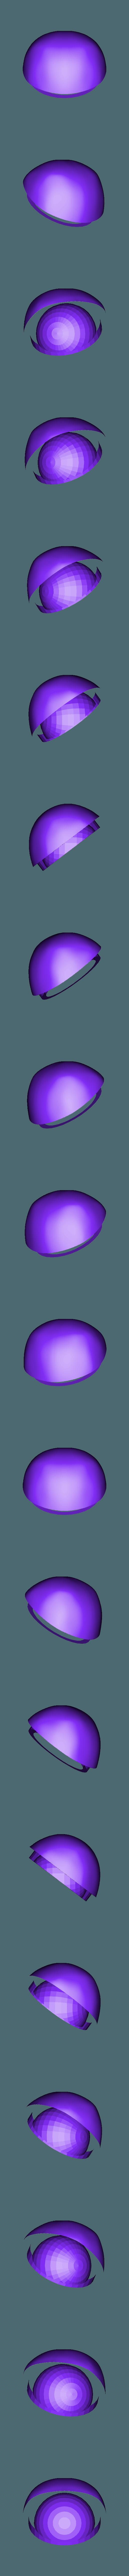 1_atama_head_rev1.stl Télécharger fichier STL gratuit Poupée de 52 cm 1/3 à joint magnétique, style Kasca • Design imprimable en 3D, all-kasca